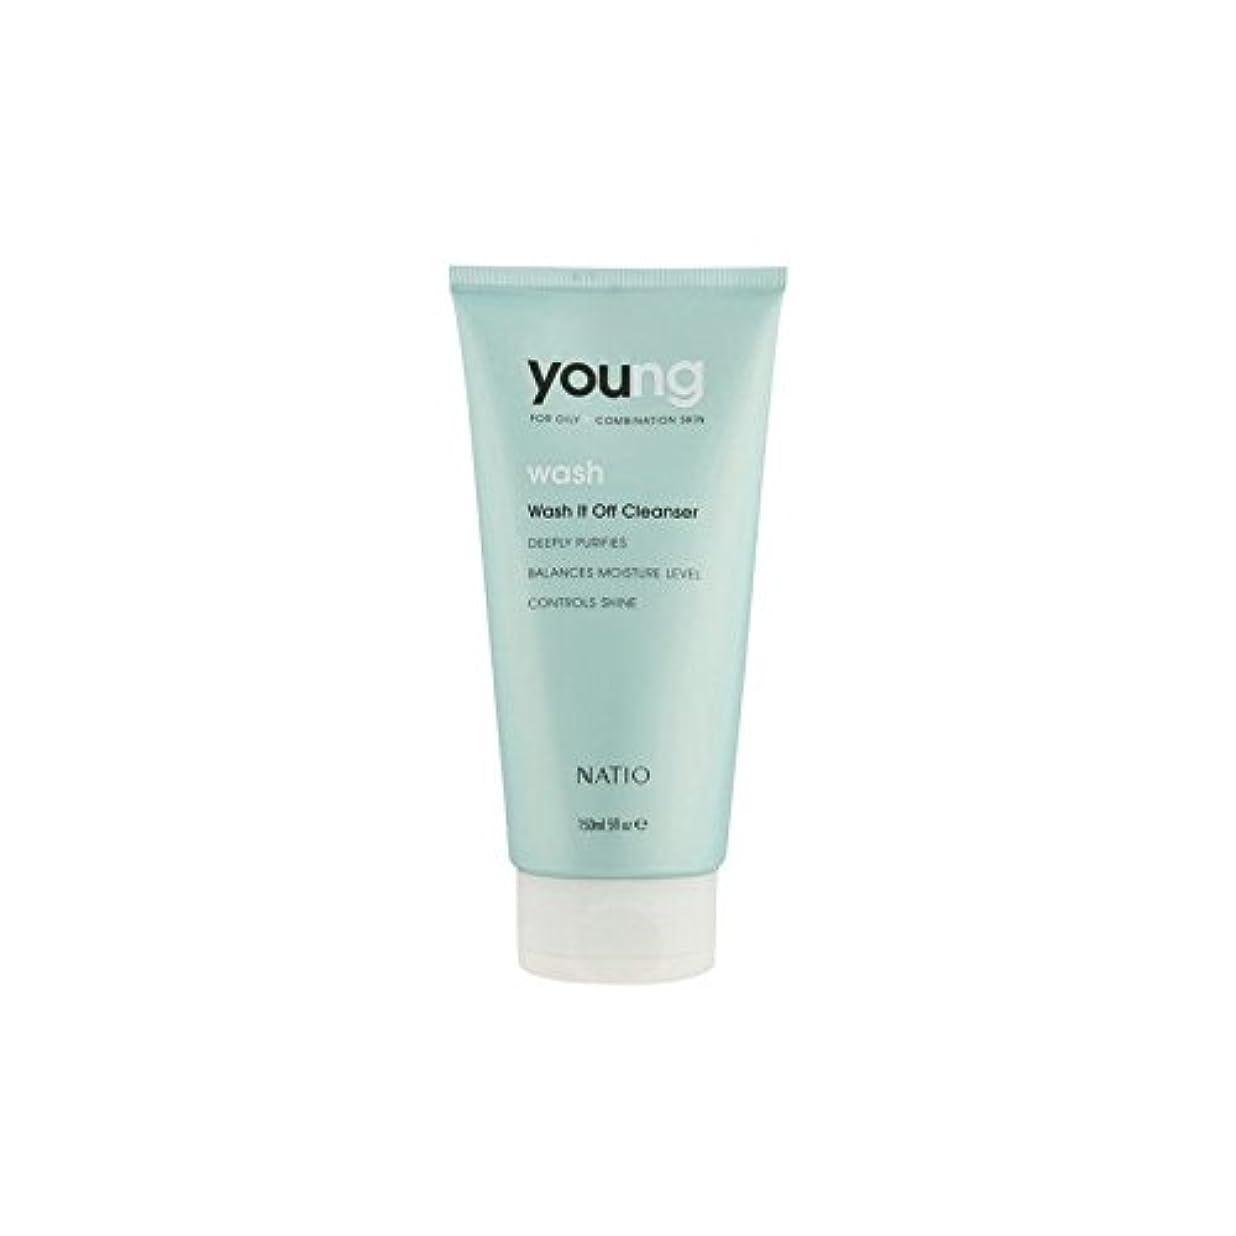 プレフィックス砂の負荷若いウォッシュそれオフクレンザー(150ミリリットル) x4 - Natio Young Wash It Off Cleanser (150ml) (Pack of 4) [並行輸入品]